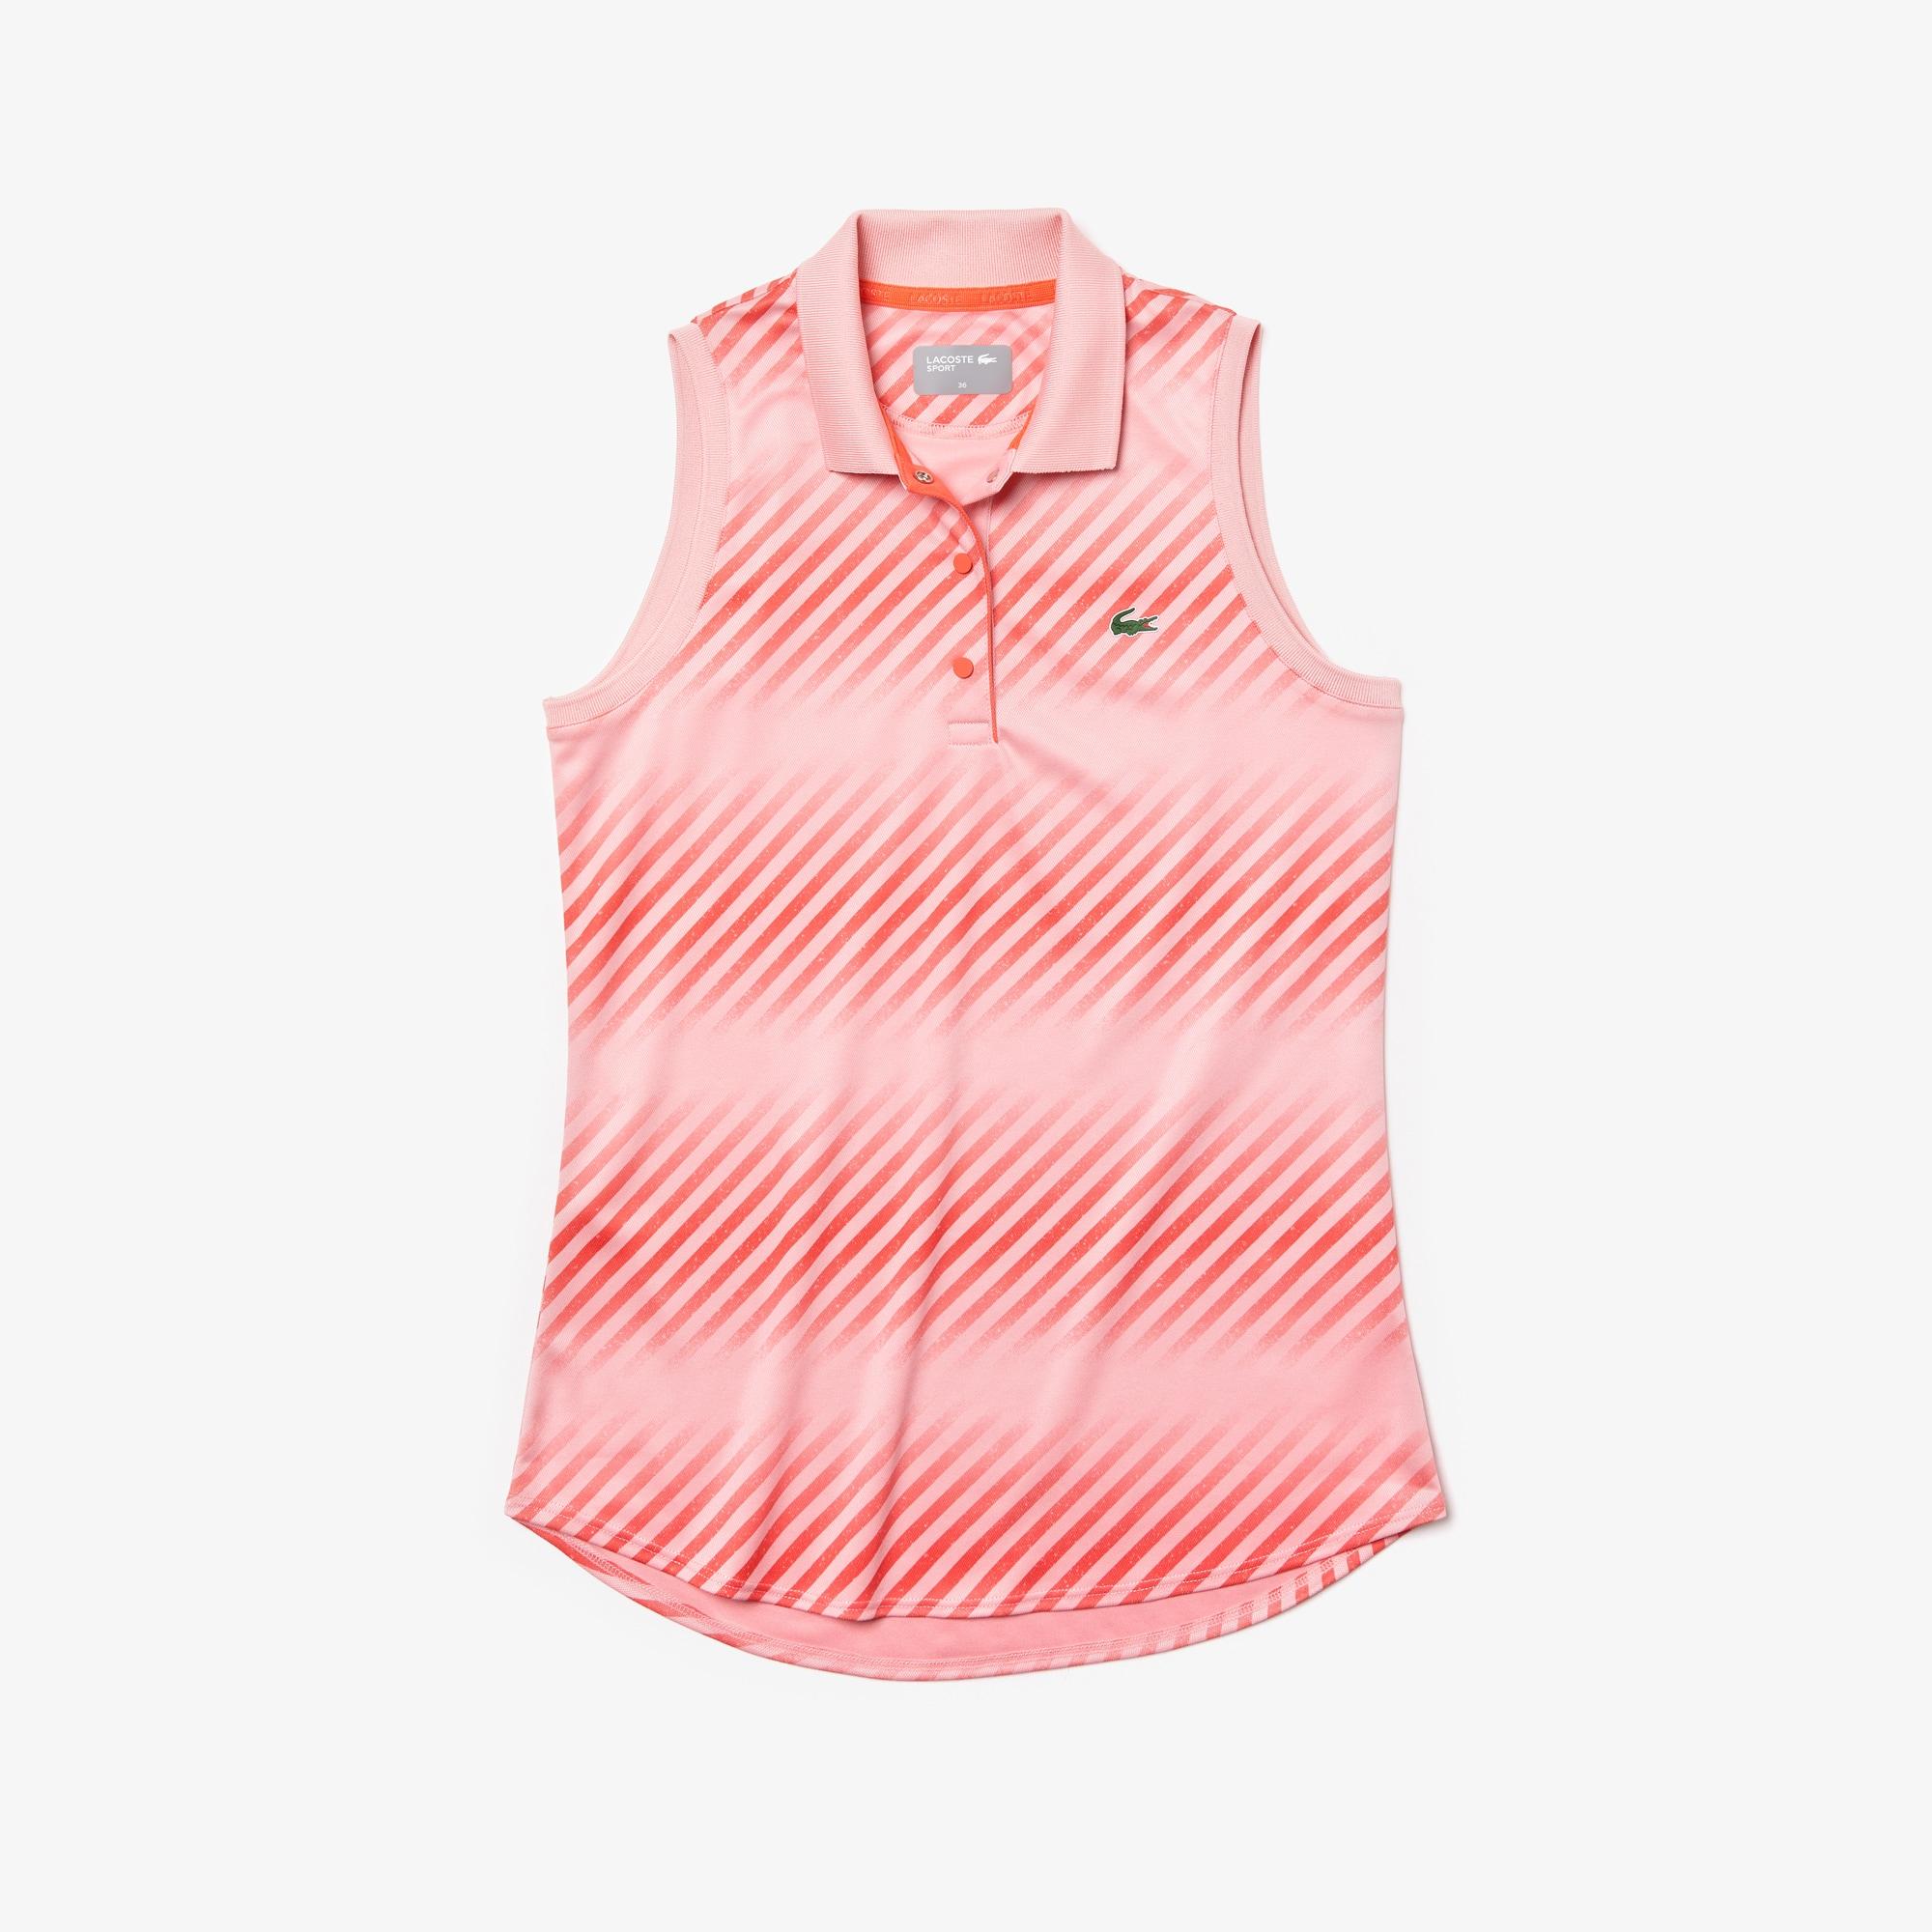 라코스테 스포츠 민소매 테니스 셔츠 Lacoste Womens SPORT Breathable Pique Tennis Polo,Pink / Red / Red - 6WV